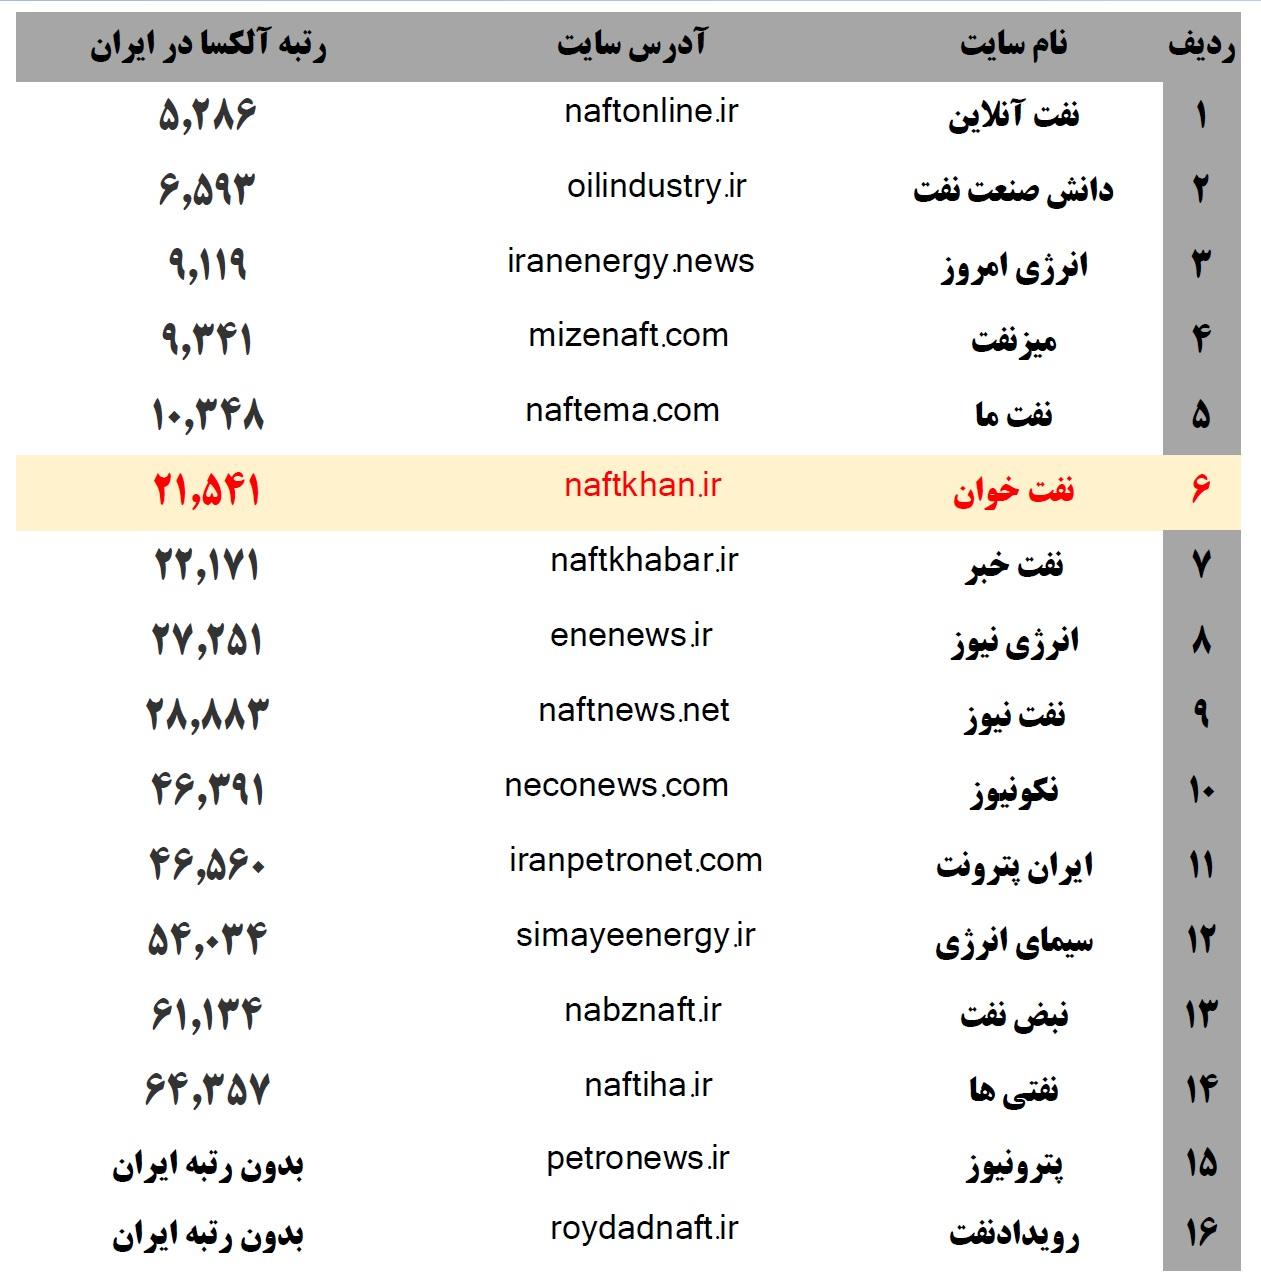 فهرست پرمخاطب ترین سایت های نفتی ایران بر اساس رتبه بندی سایت معتبر آلکسا